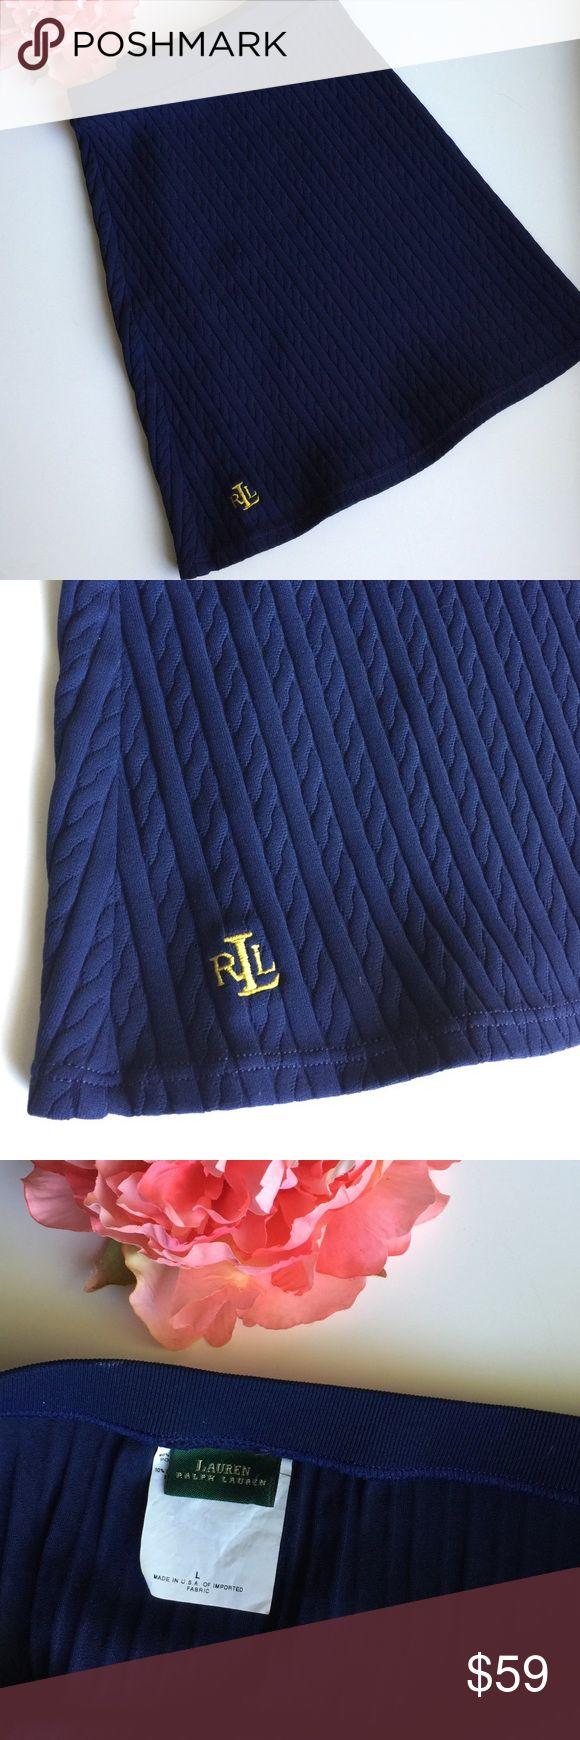 RLRalphLauren sports skirt  RLRalphLauren sports skirt Navy blue short skirt can be used to play tennis or over a bathing suit.  90% tactel nylon/polyamide 10% Lycra spandex. s͏͏m͏͏o͏͏k͏͏e͏͏ f͏͏r͏͏e͏͏e͏͏ ❌P͏͏P͏͏ ❌T͏͏r͏͏a͏͏d͏͏e͏͏s͏͏ ✔F͏͏a͏͏s͏͏t͏͏  ✔u͏͏s͏͏e͏͏ t͏͏h͏͏e͏͏ o͏͏f͏͏f͏͏e͏͏r͏͏ o͏͏r͏͏ b͏͏u͏͏y͏͏ b͏͏u͏͏t͏͏t͏͏o͏͏n͏͏ Ralph Lauren Skirts Mini